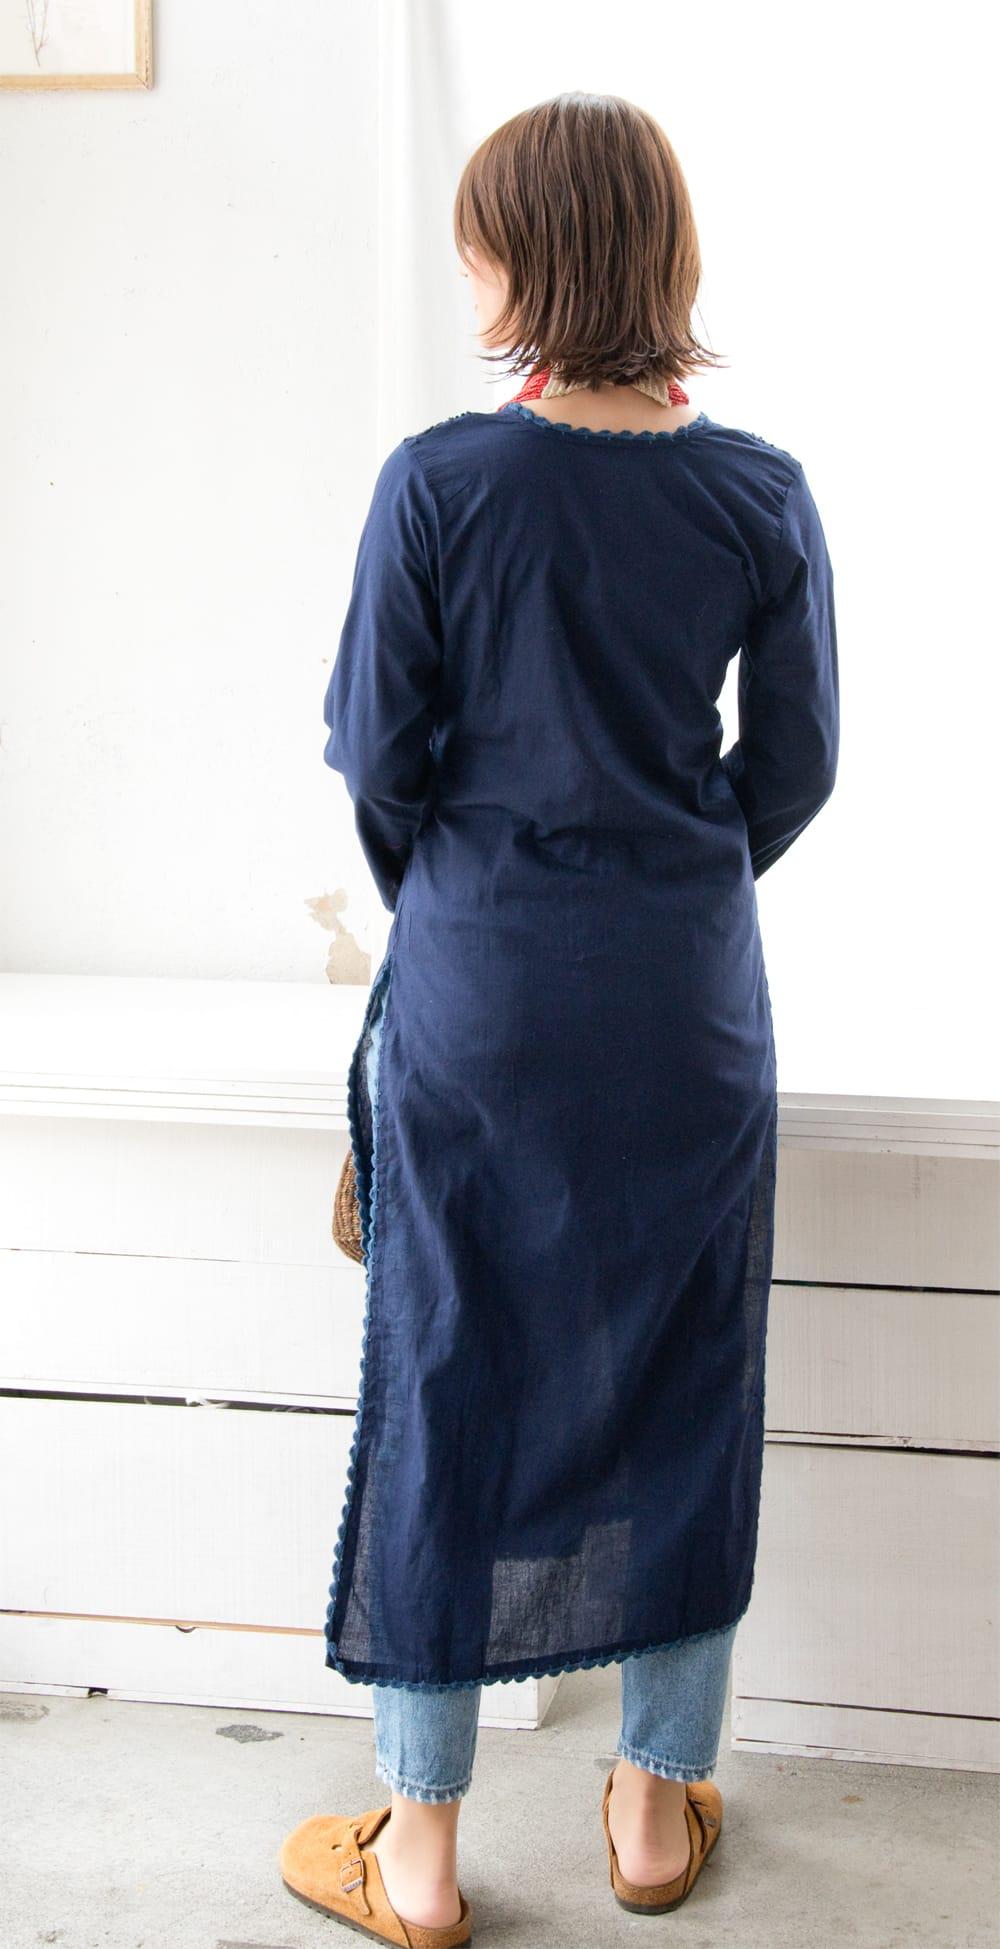 たっぷり刺繍のシンプルクルティ 4 - 身長165cm、38号の着用例です。後ろ姿もスッキリした印象です。